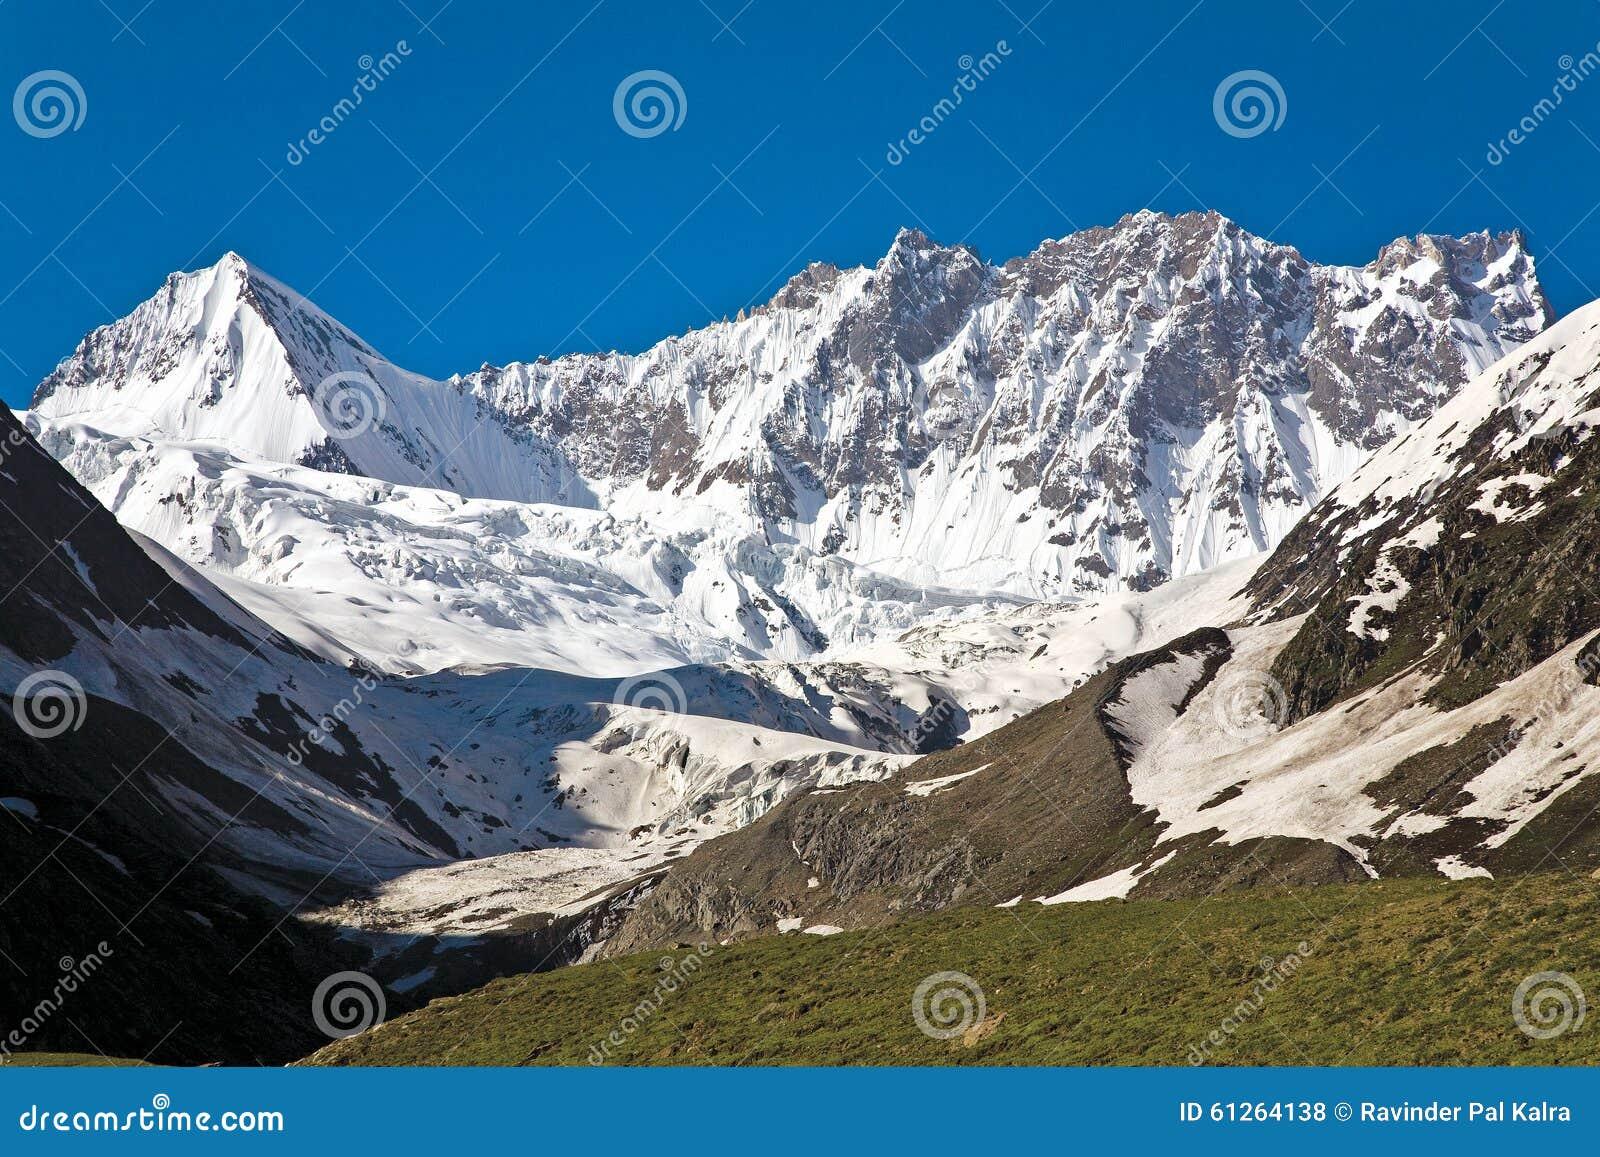 Un glaciar cerca del paso de Zojila en la altura de 3529 metros, carretera de Leh-Srinagar, Ladakh, la India